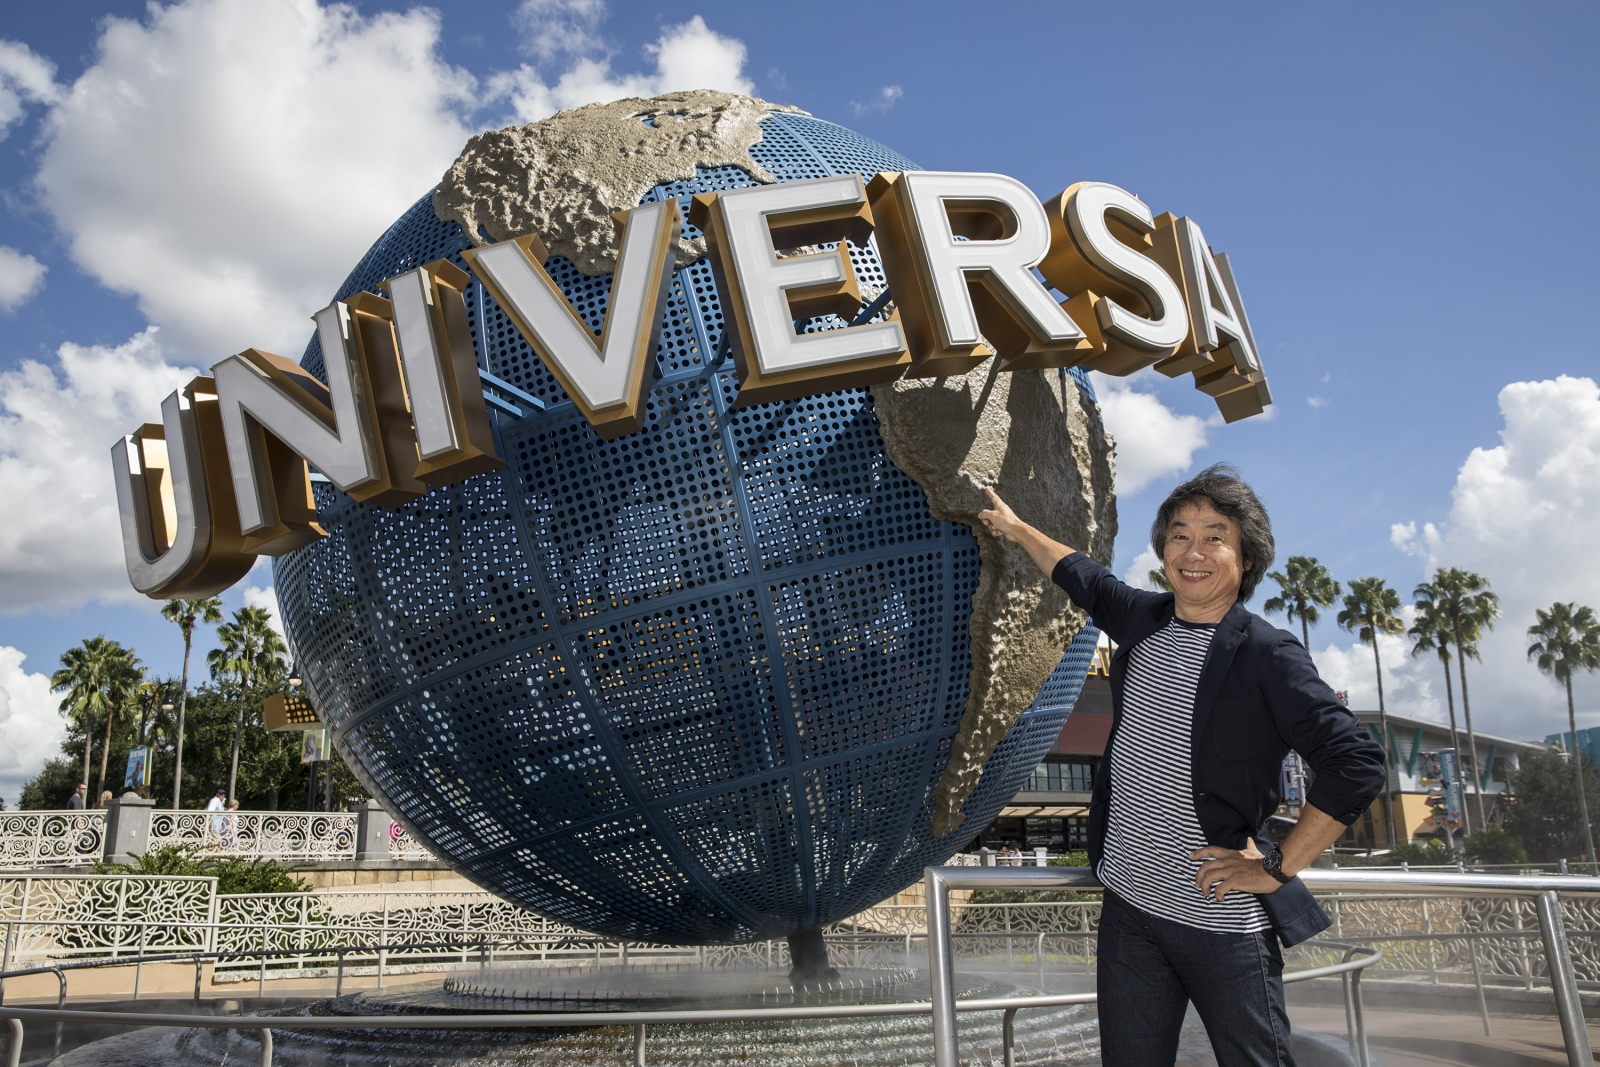 Shigeru Miyamoto Universal Studios